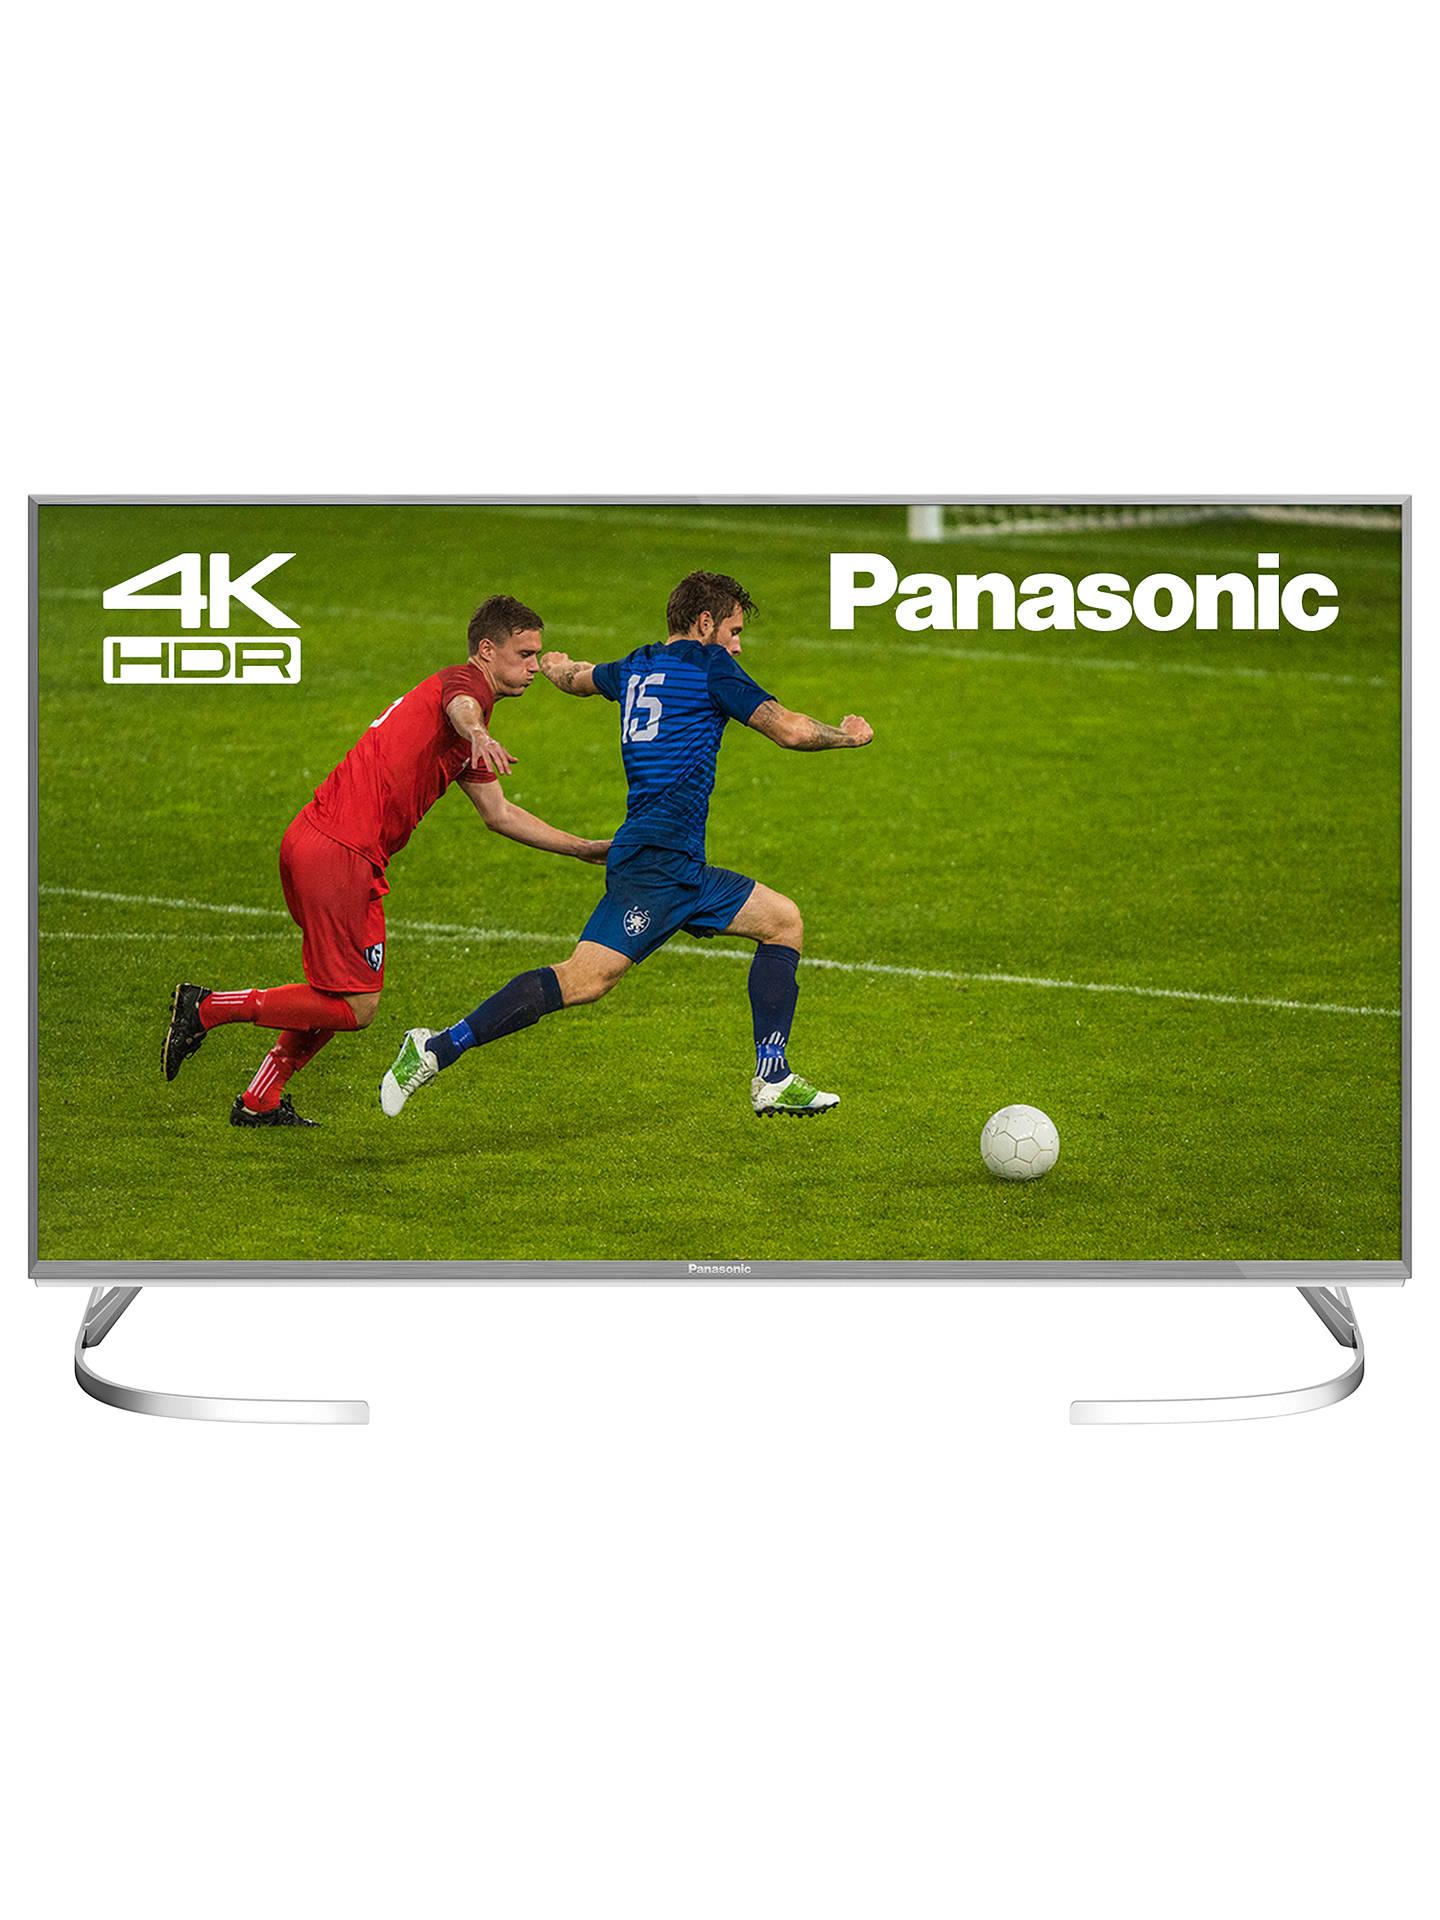 940b6e267be8 Panasonic TX-58EX700B LED HDR 4K Ultra HD Smart TV, 58